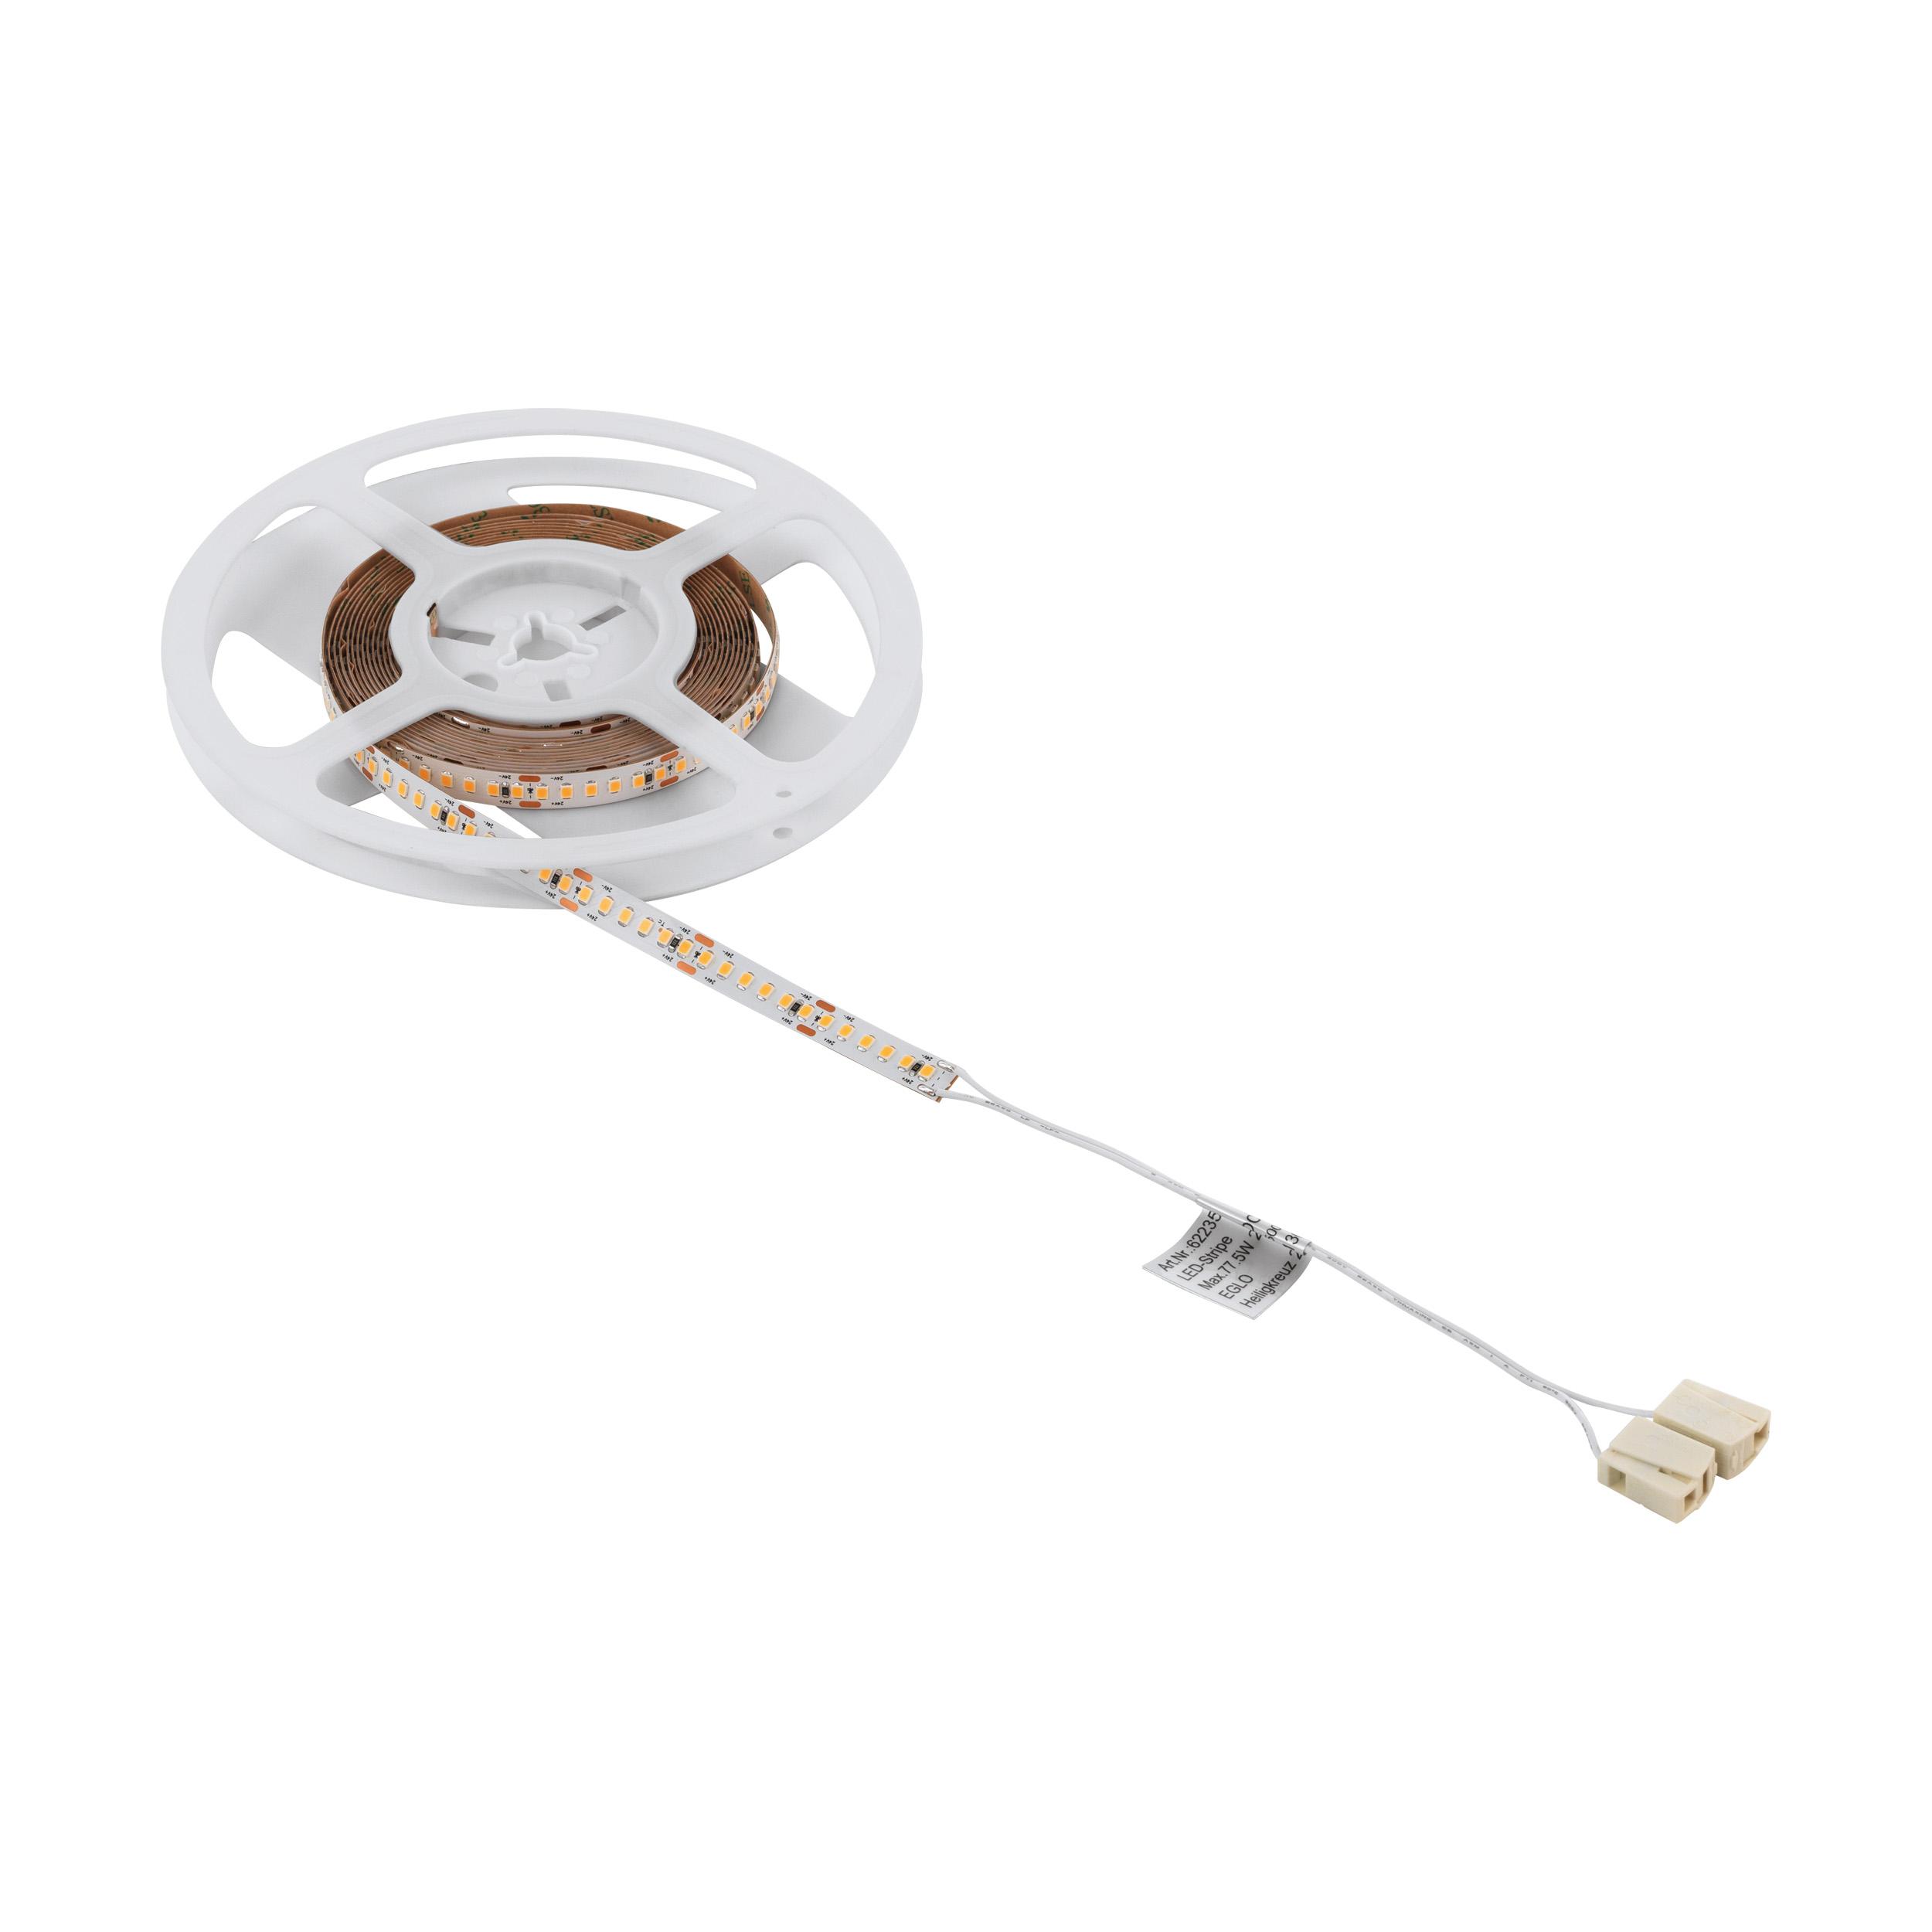 1 Stk LED-STRIPE 20m Rolle, Angabe per Meter 5,5W/mW 4000K IP20 LI63293---